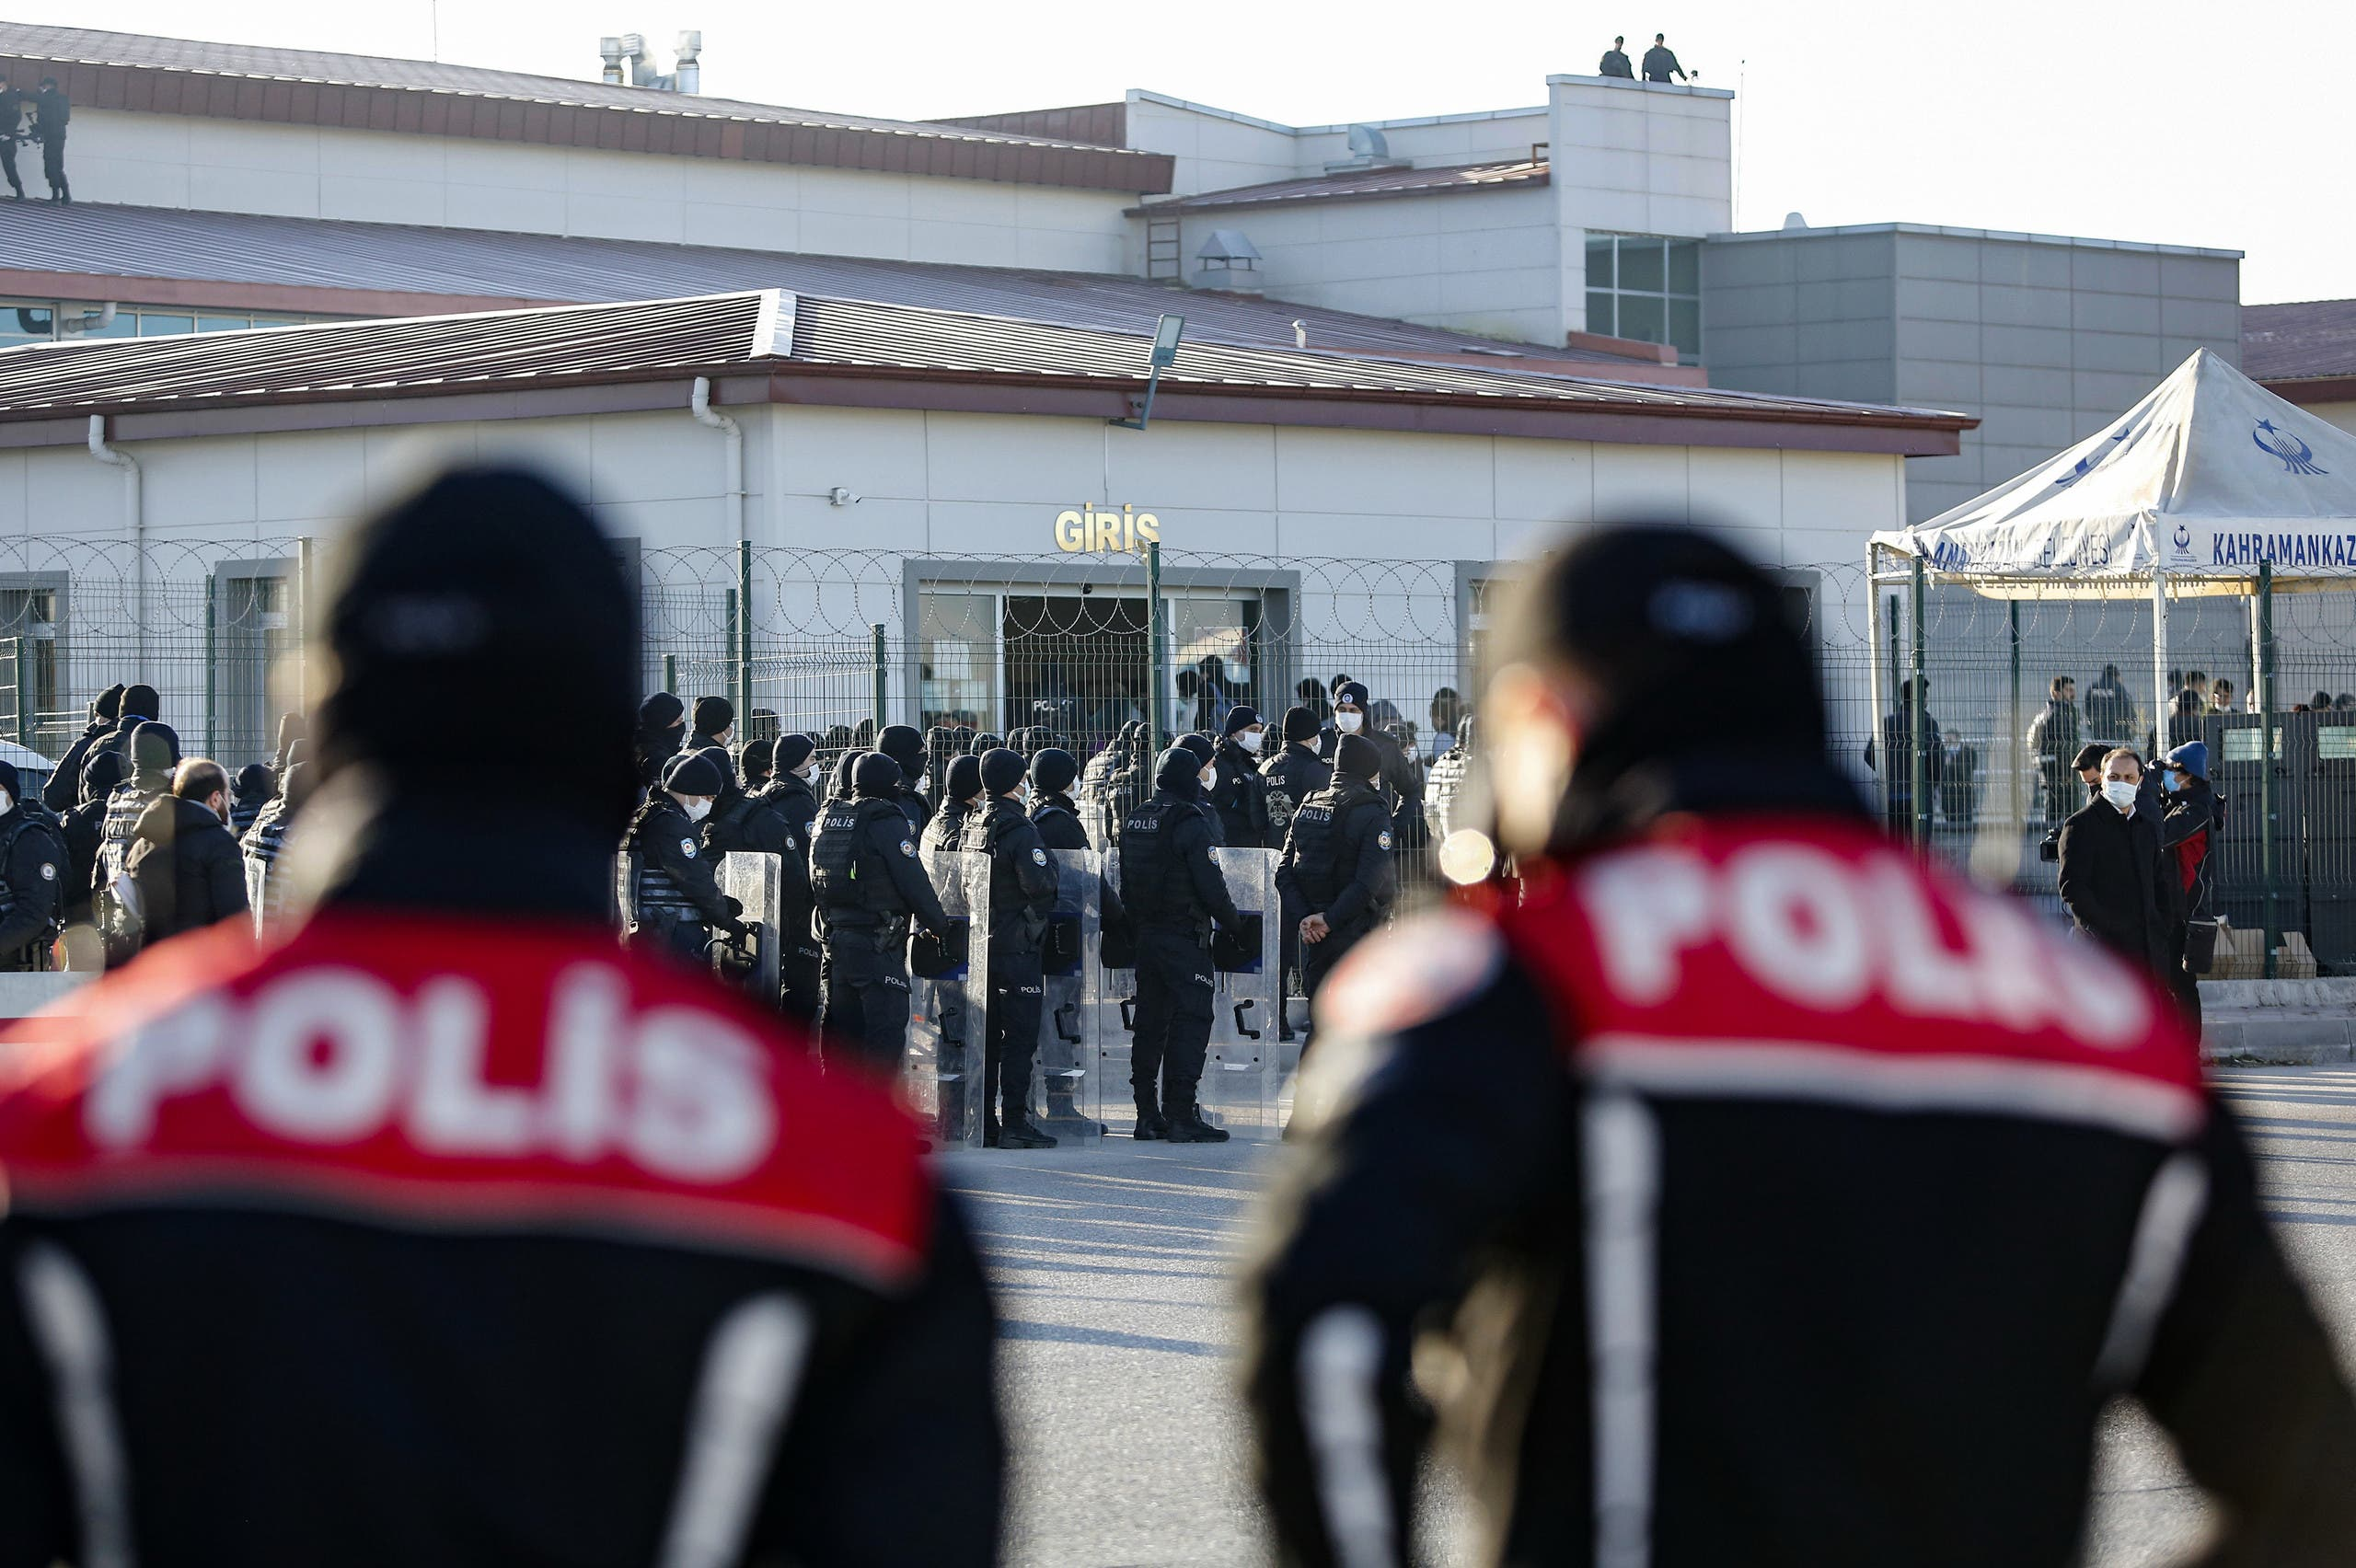 من أمام مجمع سجن سينكان في محافظة أنقرة حيث تتم المحاكمات الجماعية (أرشيفية- فرانس برس)